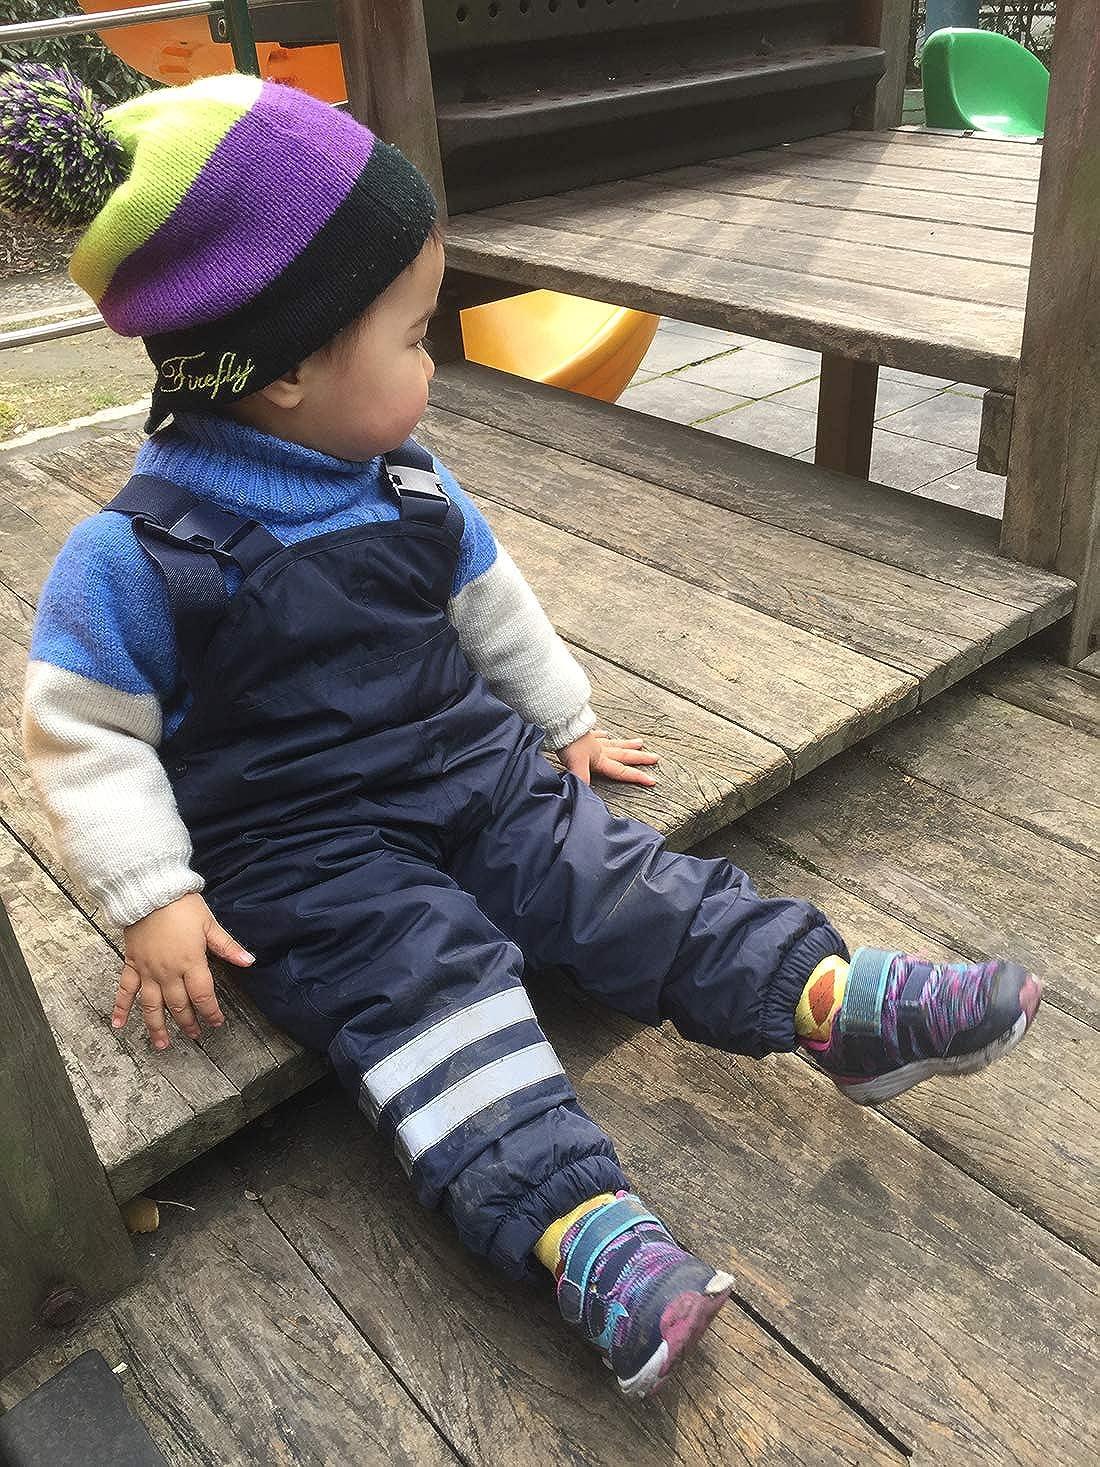 Pantaloni Tuta Antipioggia Disponibile in Varie Taglie per Bimbi da 3 a 8 Anni umkaumka Salopette Impermeabile Felpata da Bambino e Bambina